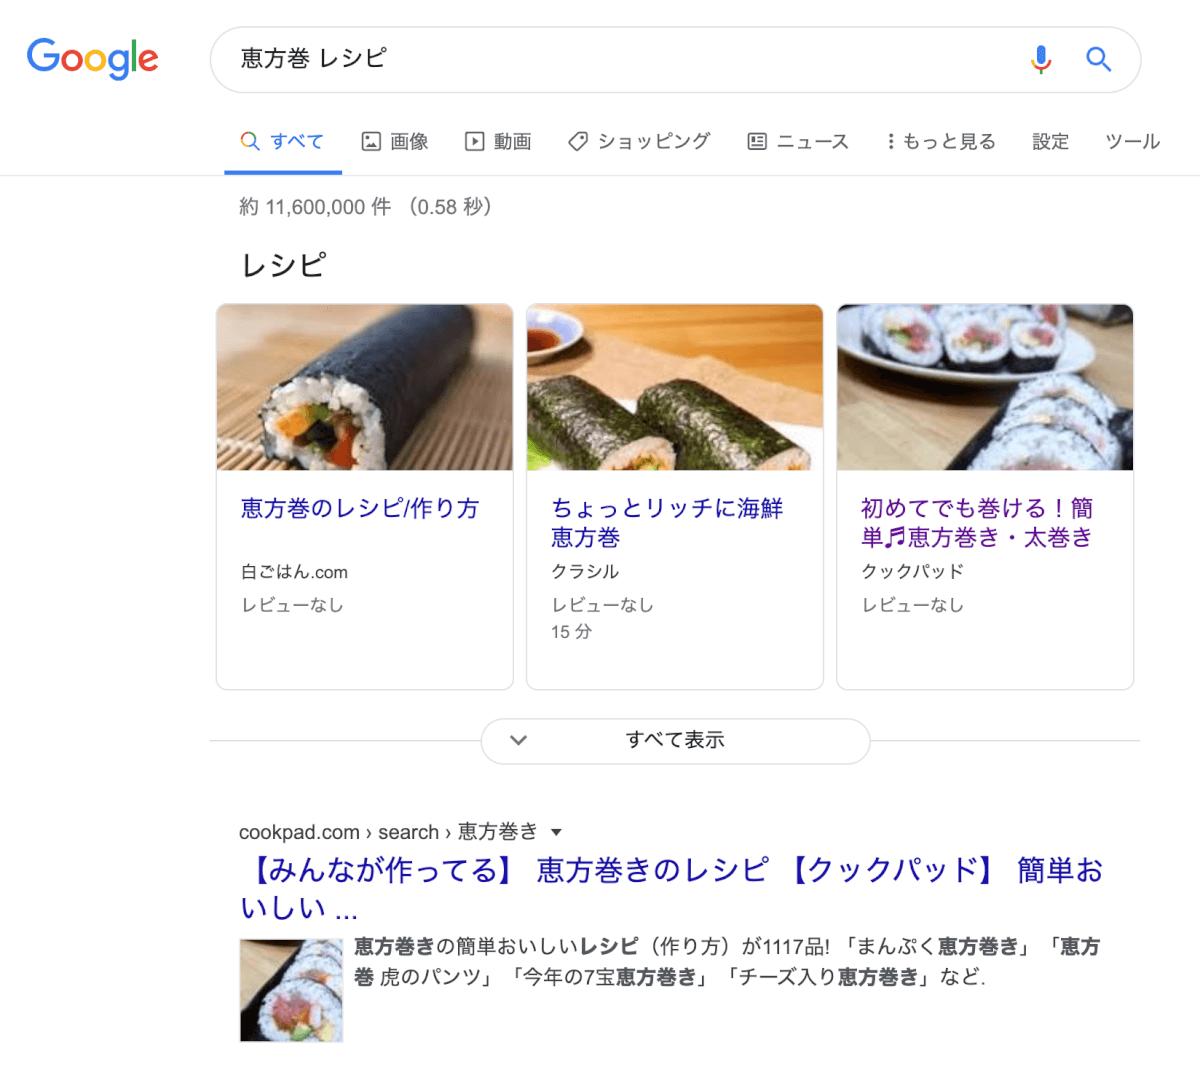 「恵方巻 レシピ」の検索結果